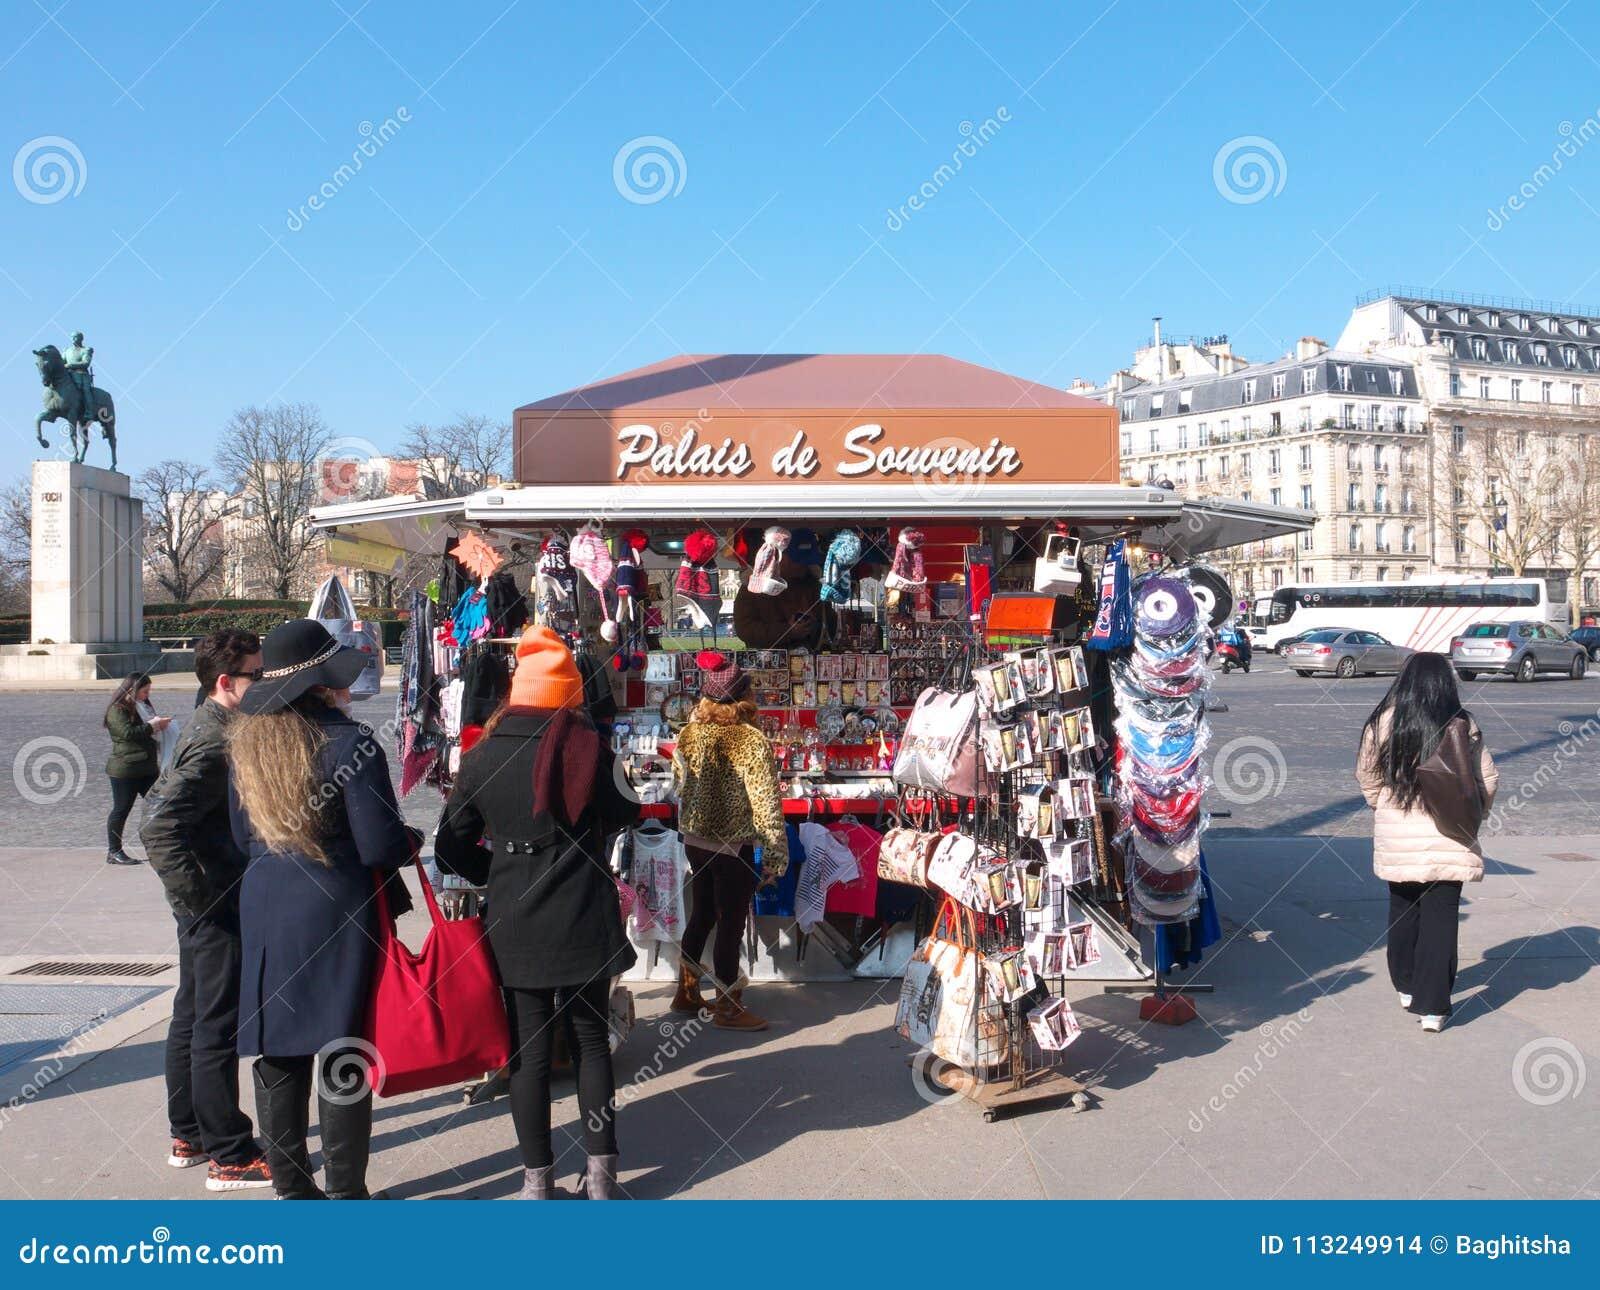 Ricordo Kiosk Palais de Chaillot Parigi Francia